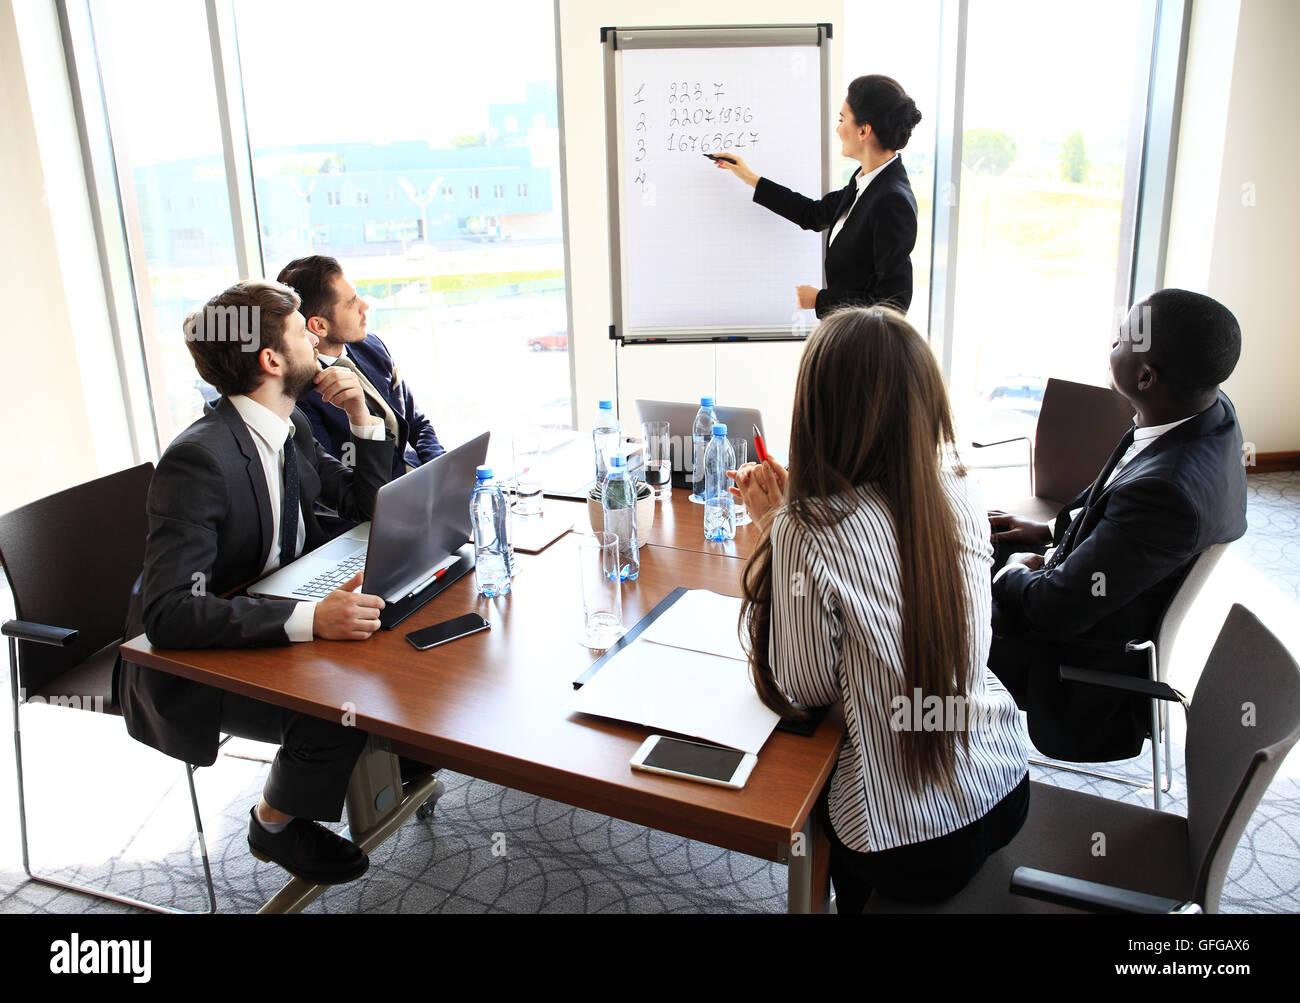 Donna fare business presentation per un gruppo Immagini Stock